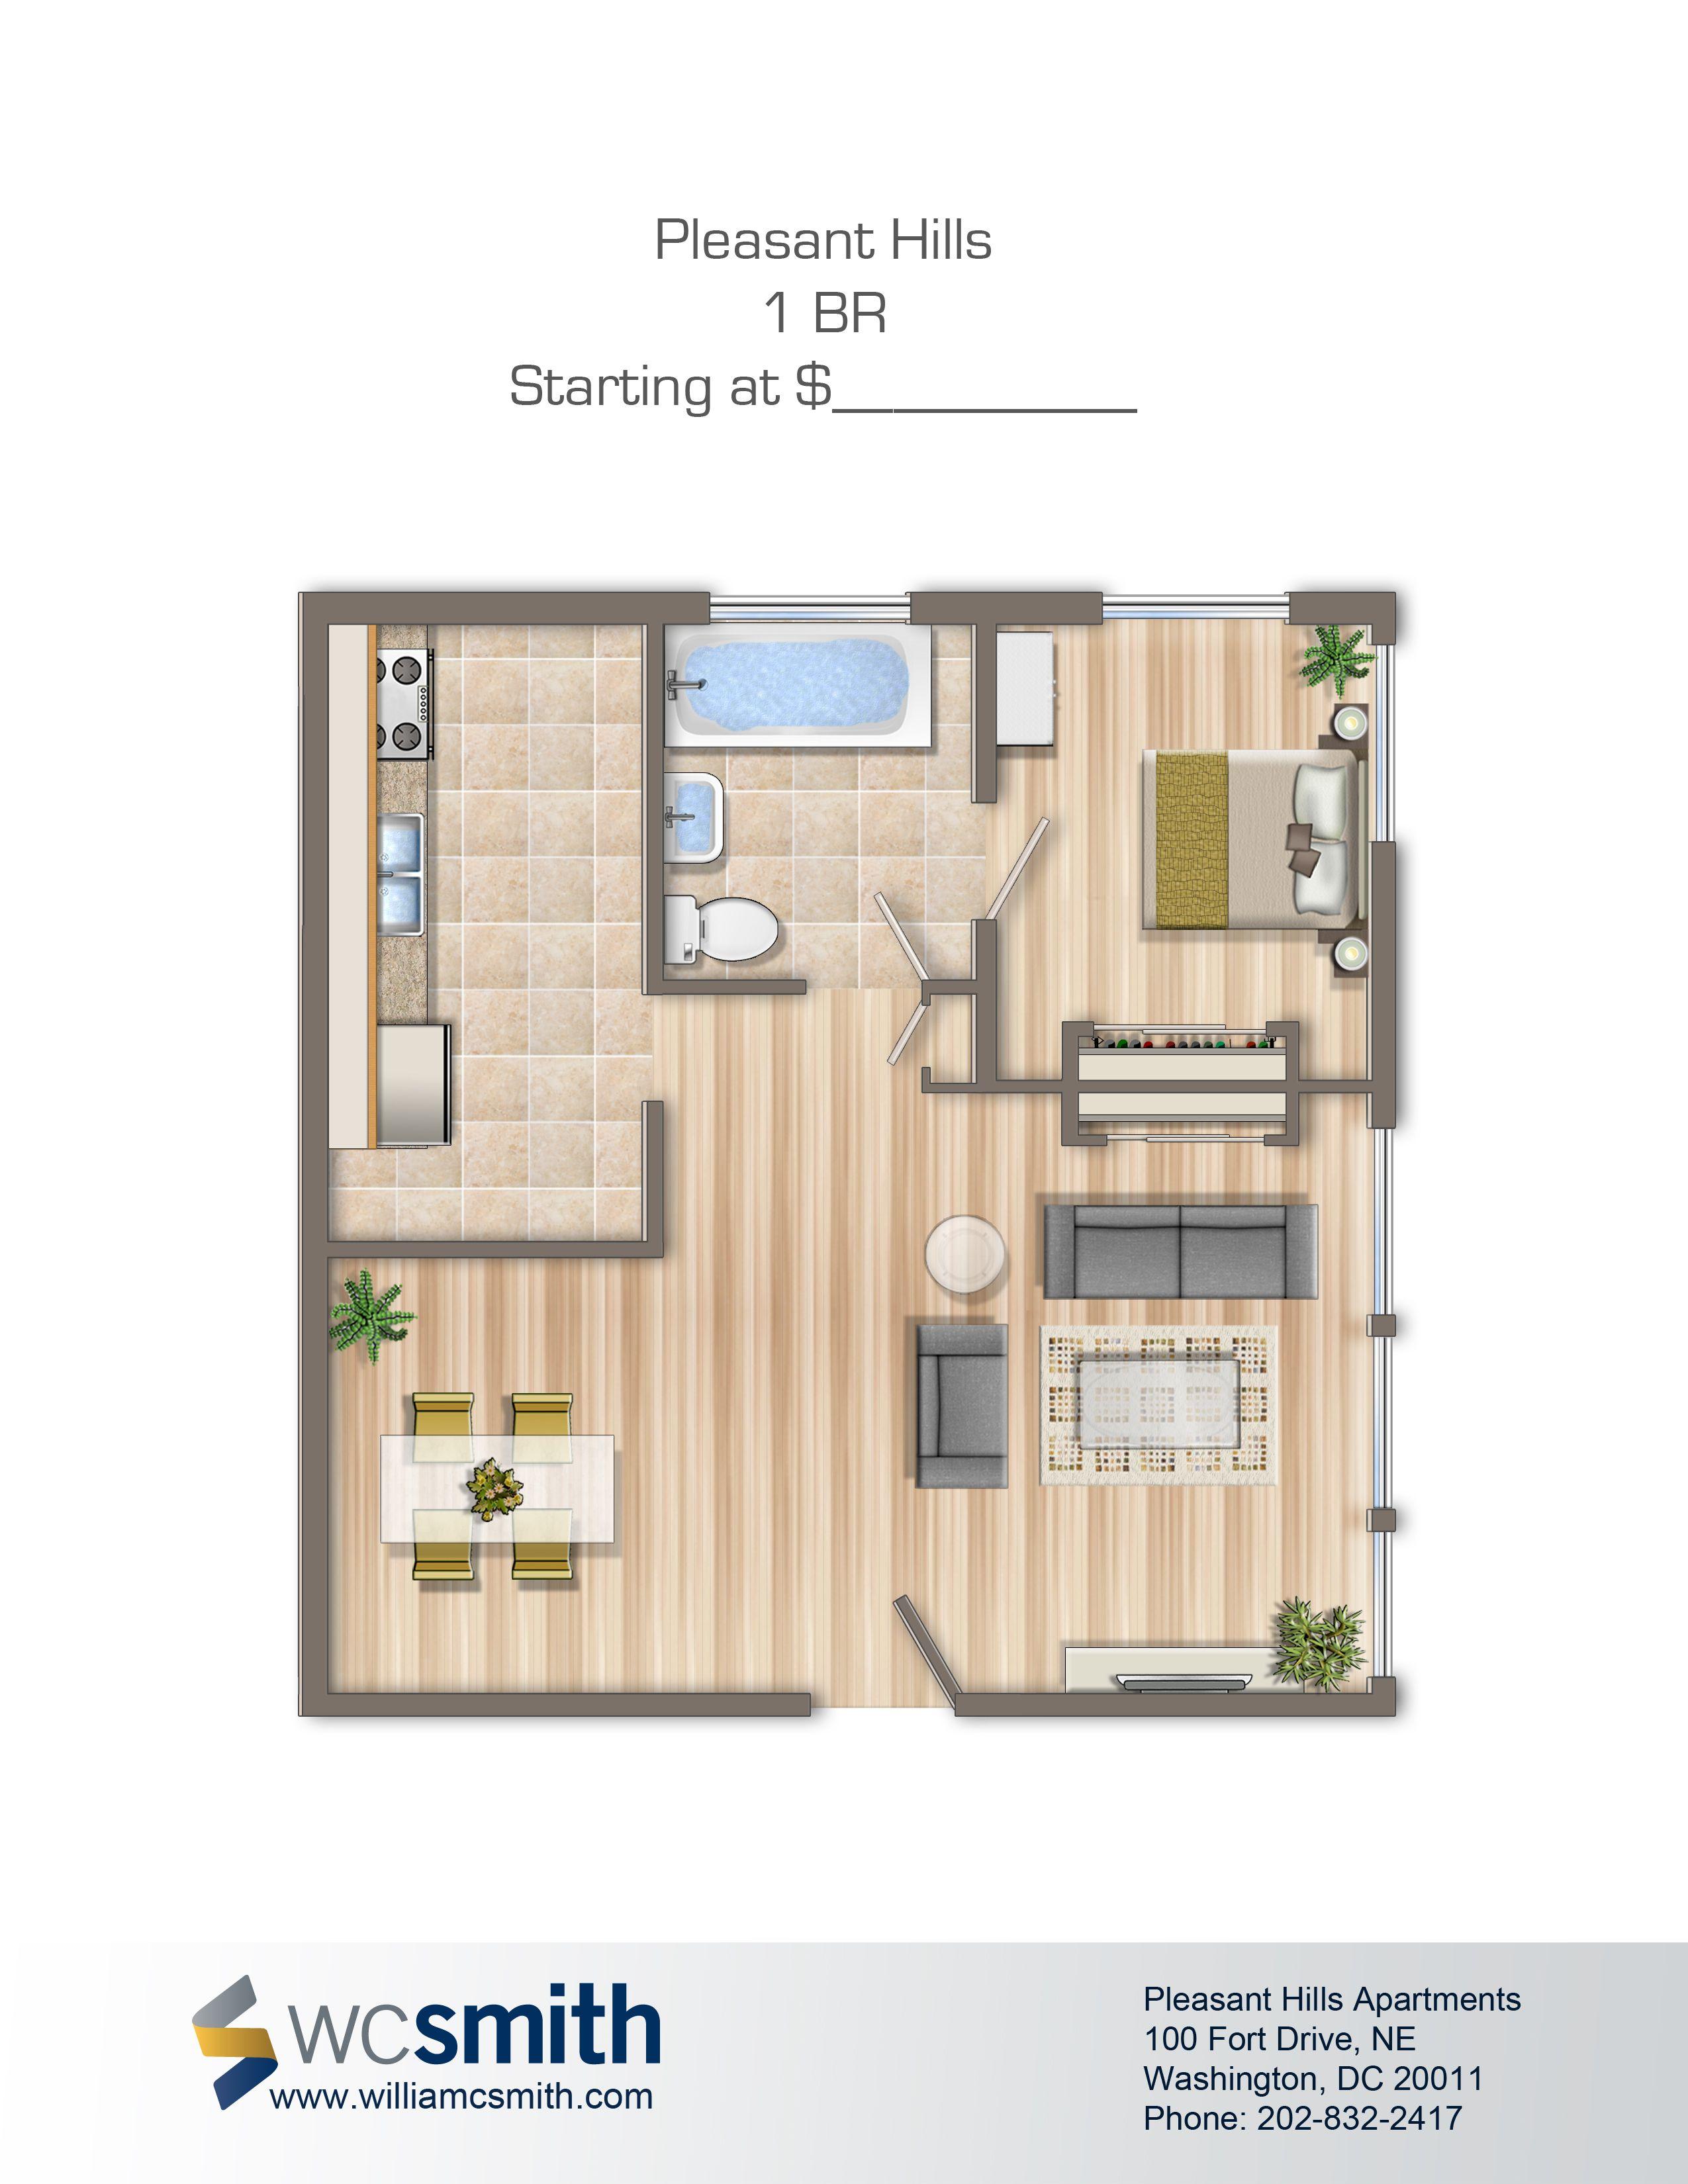 Pleasant Hills Apartments In Washington Dc Haus Wohnung Grundriss